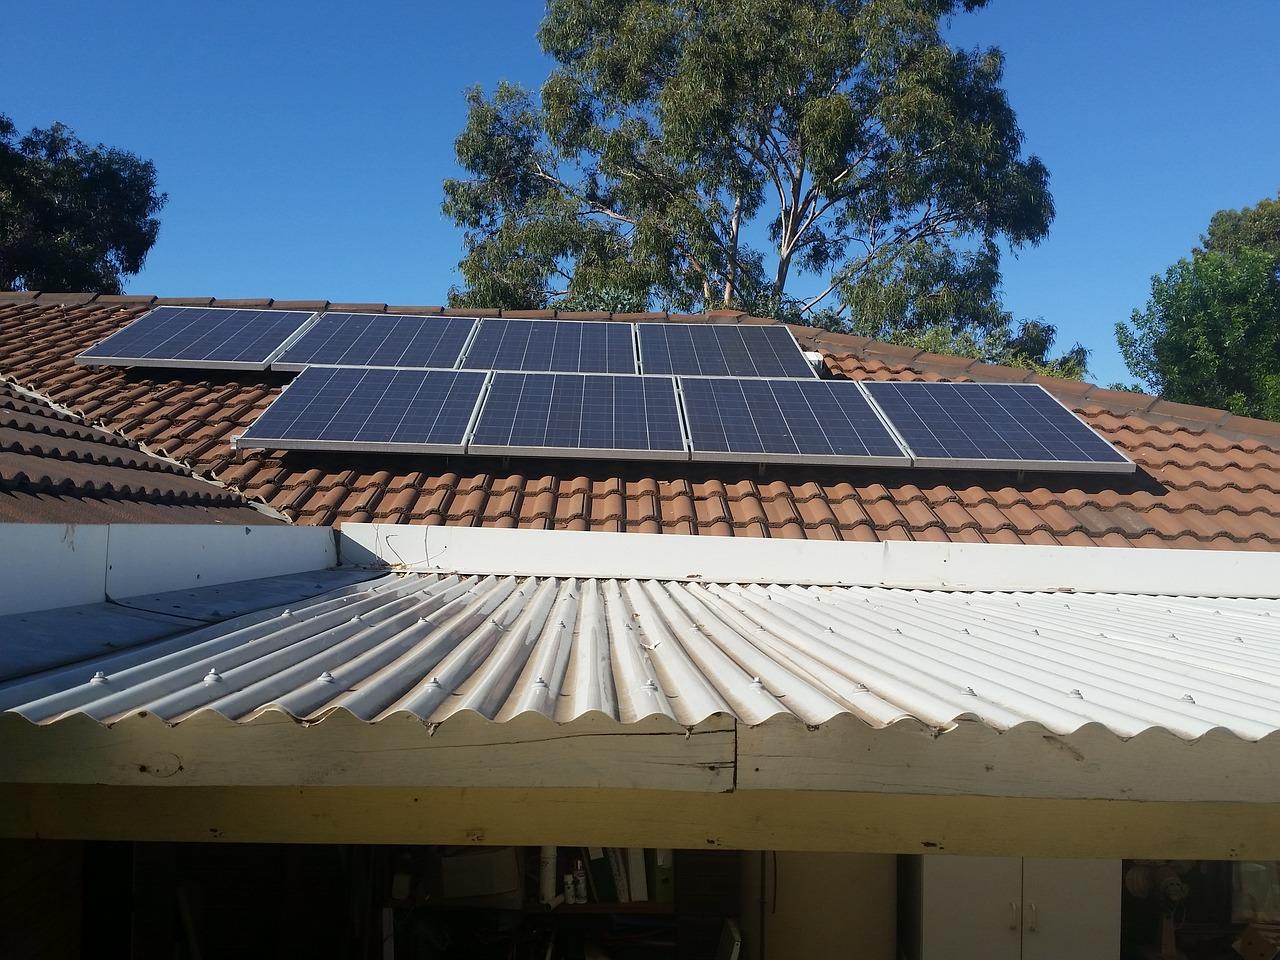 Fotovoltaico, il 60% degli impianti perderanno lo scambio sul posto